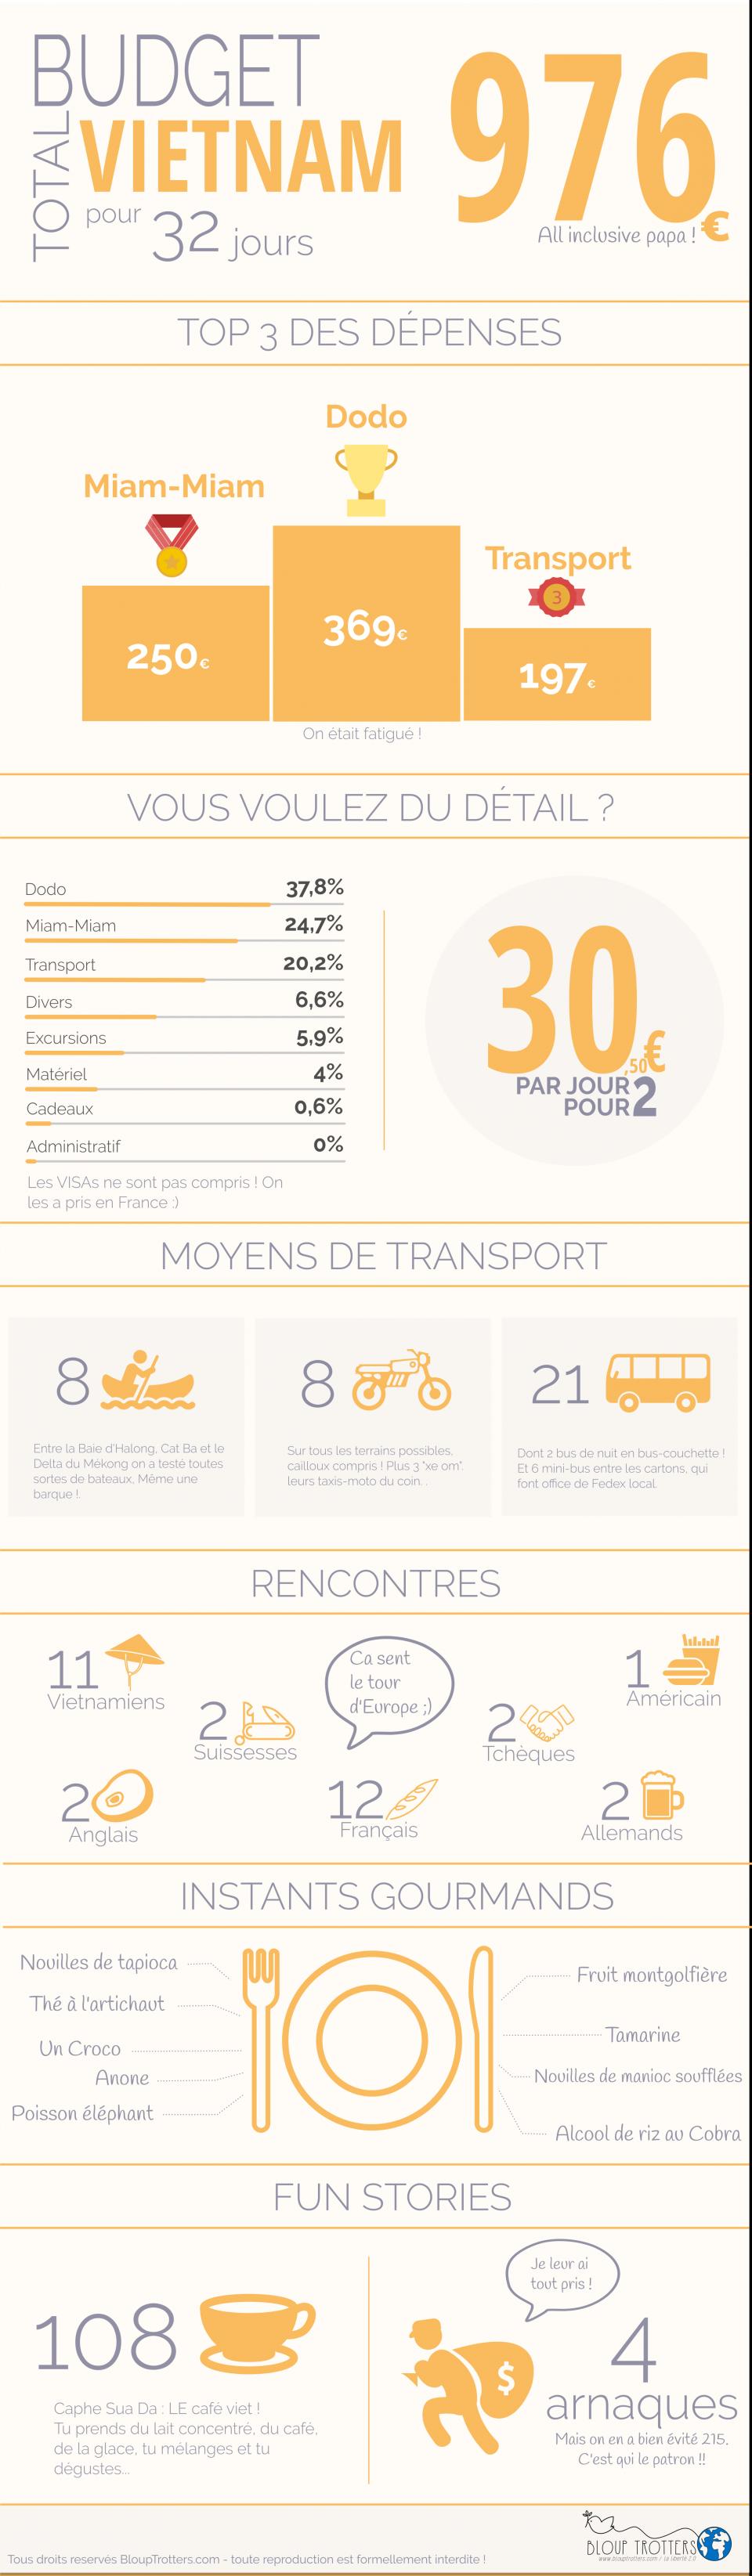 infographie budget voyage vietnam